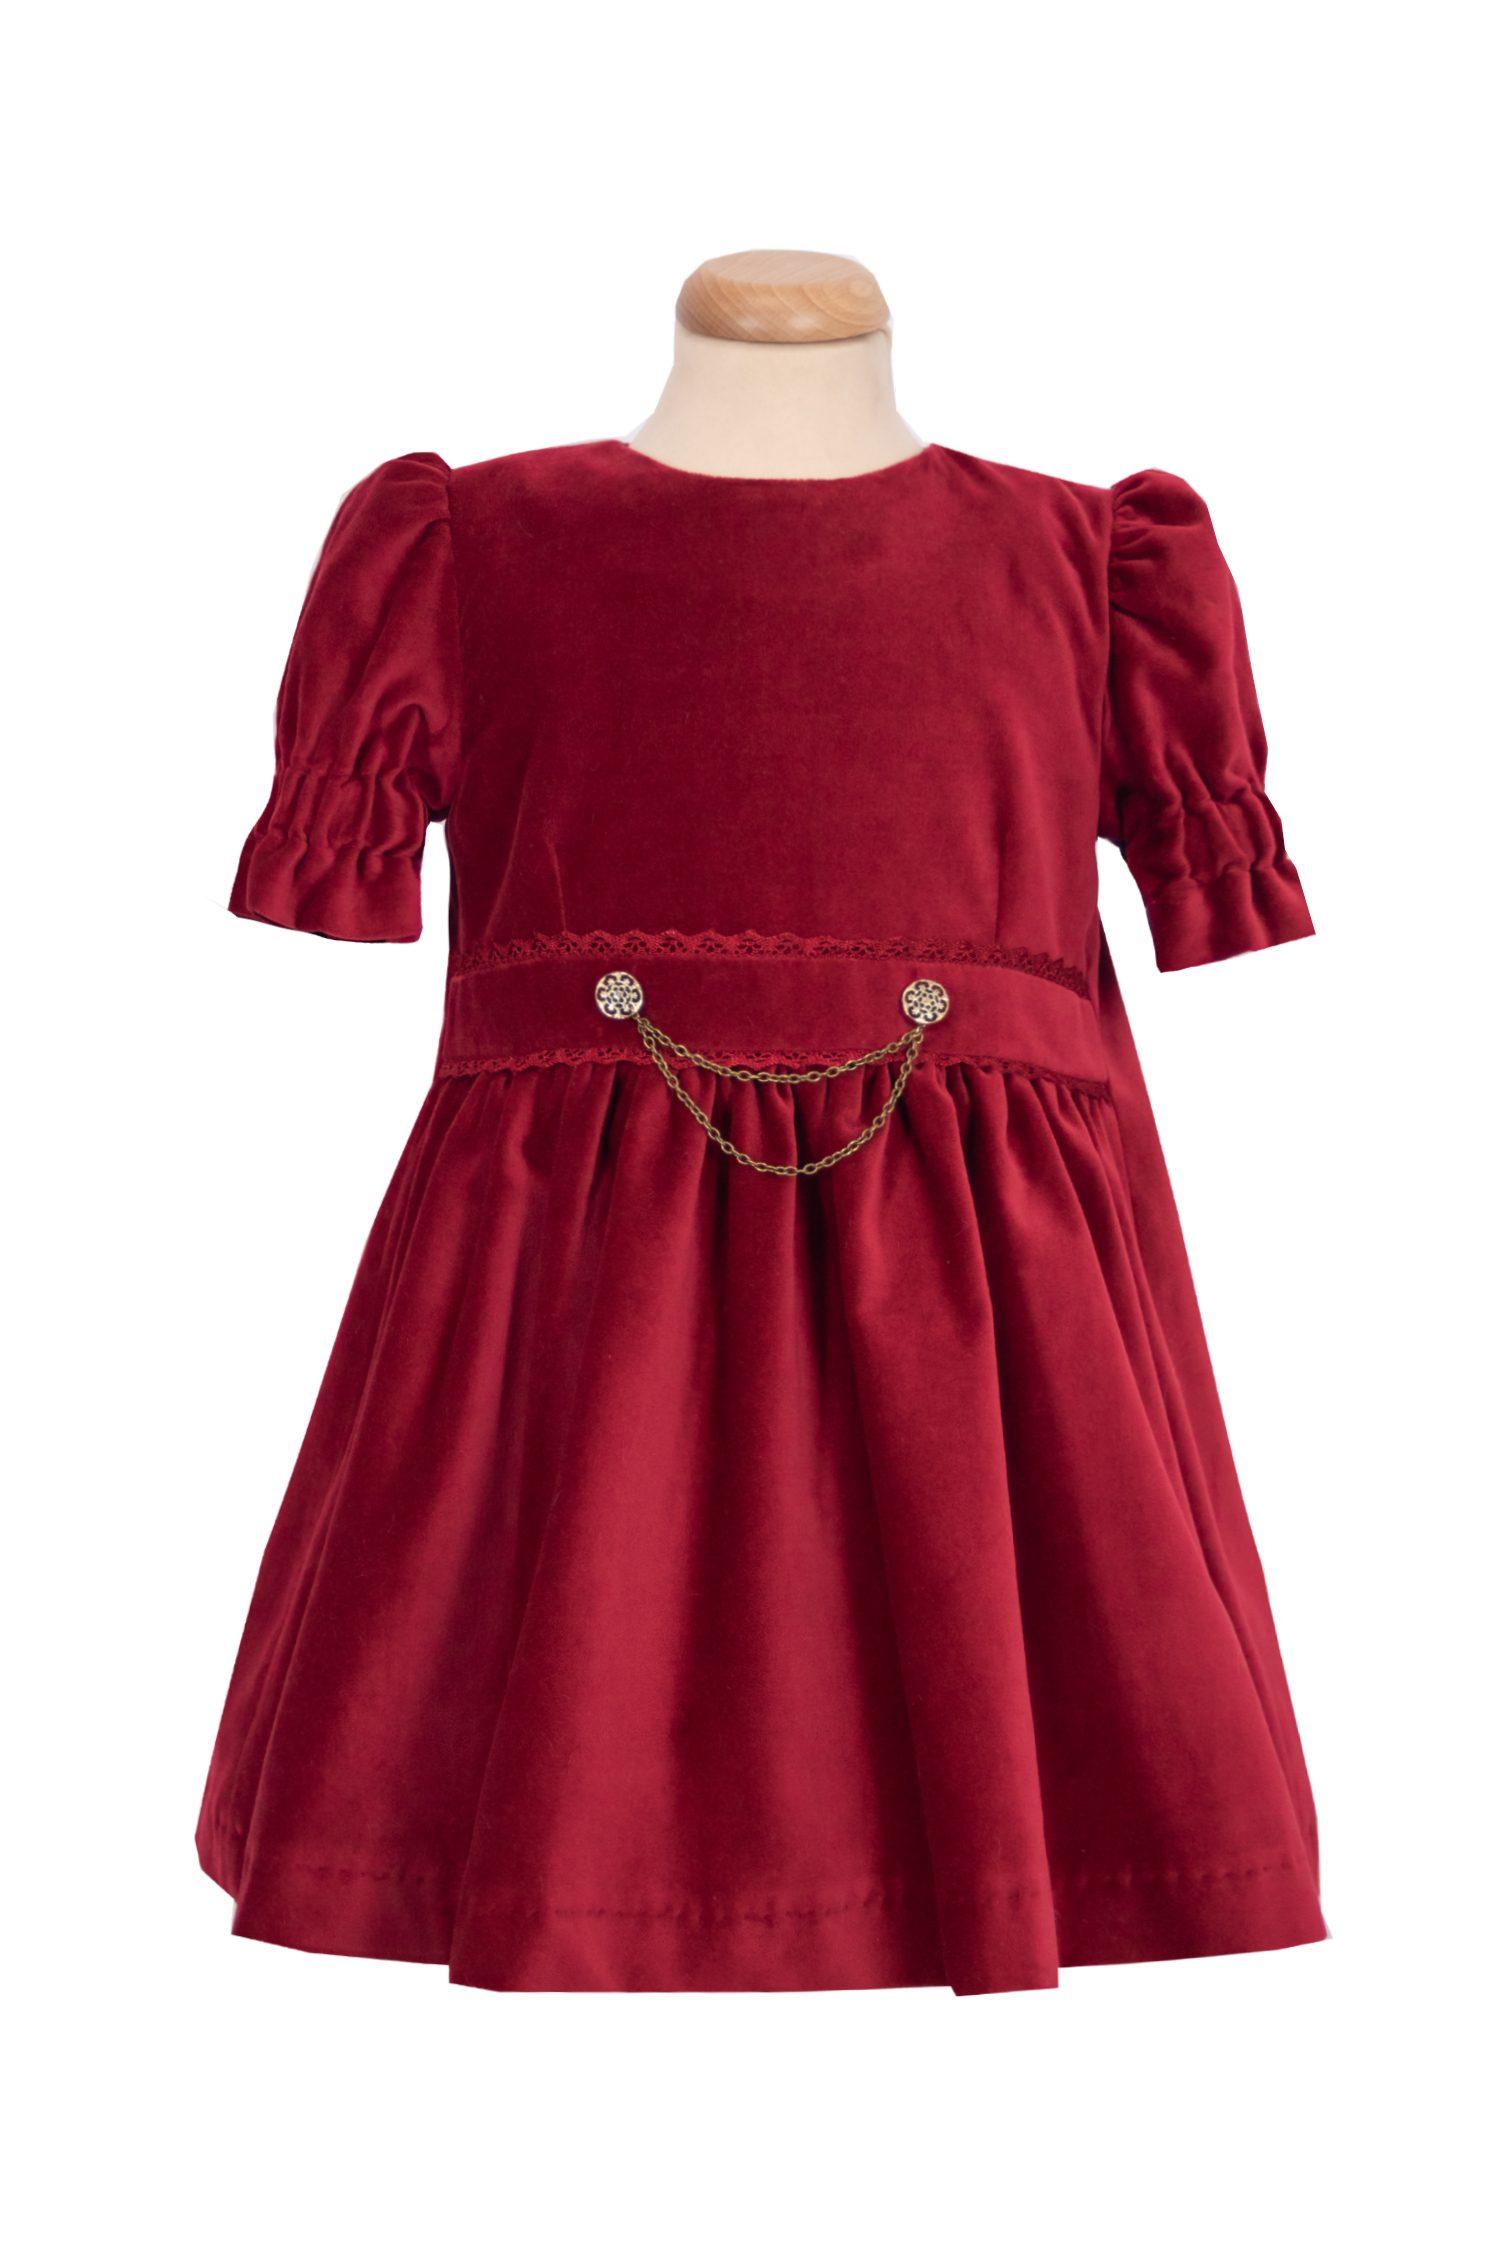 rochie pentru fete Ania din catifea IRIDOR